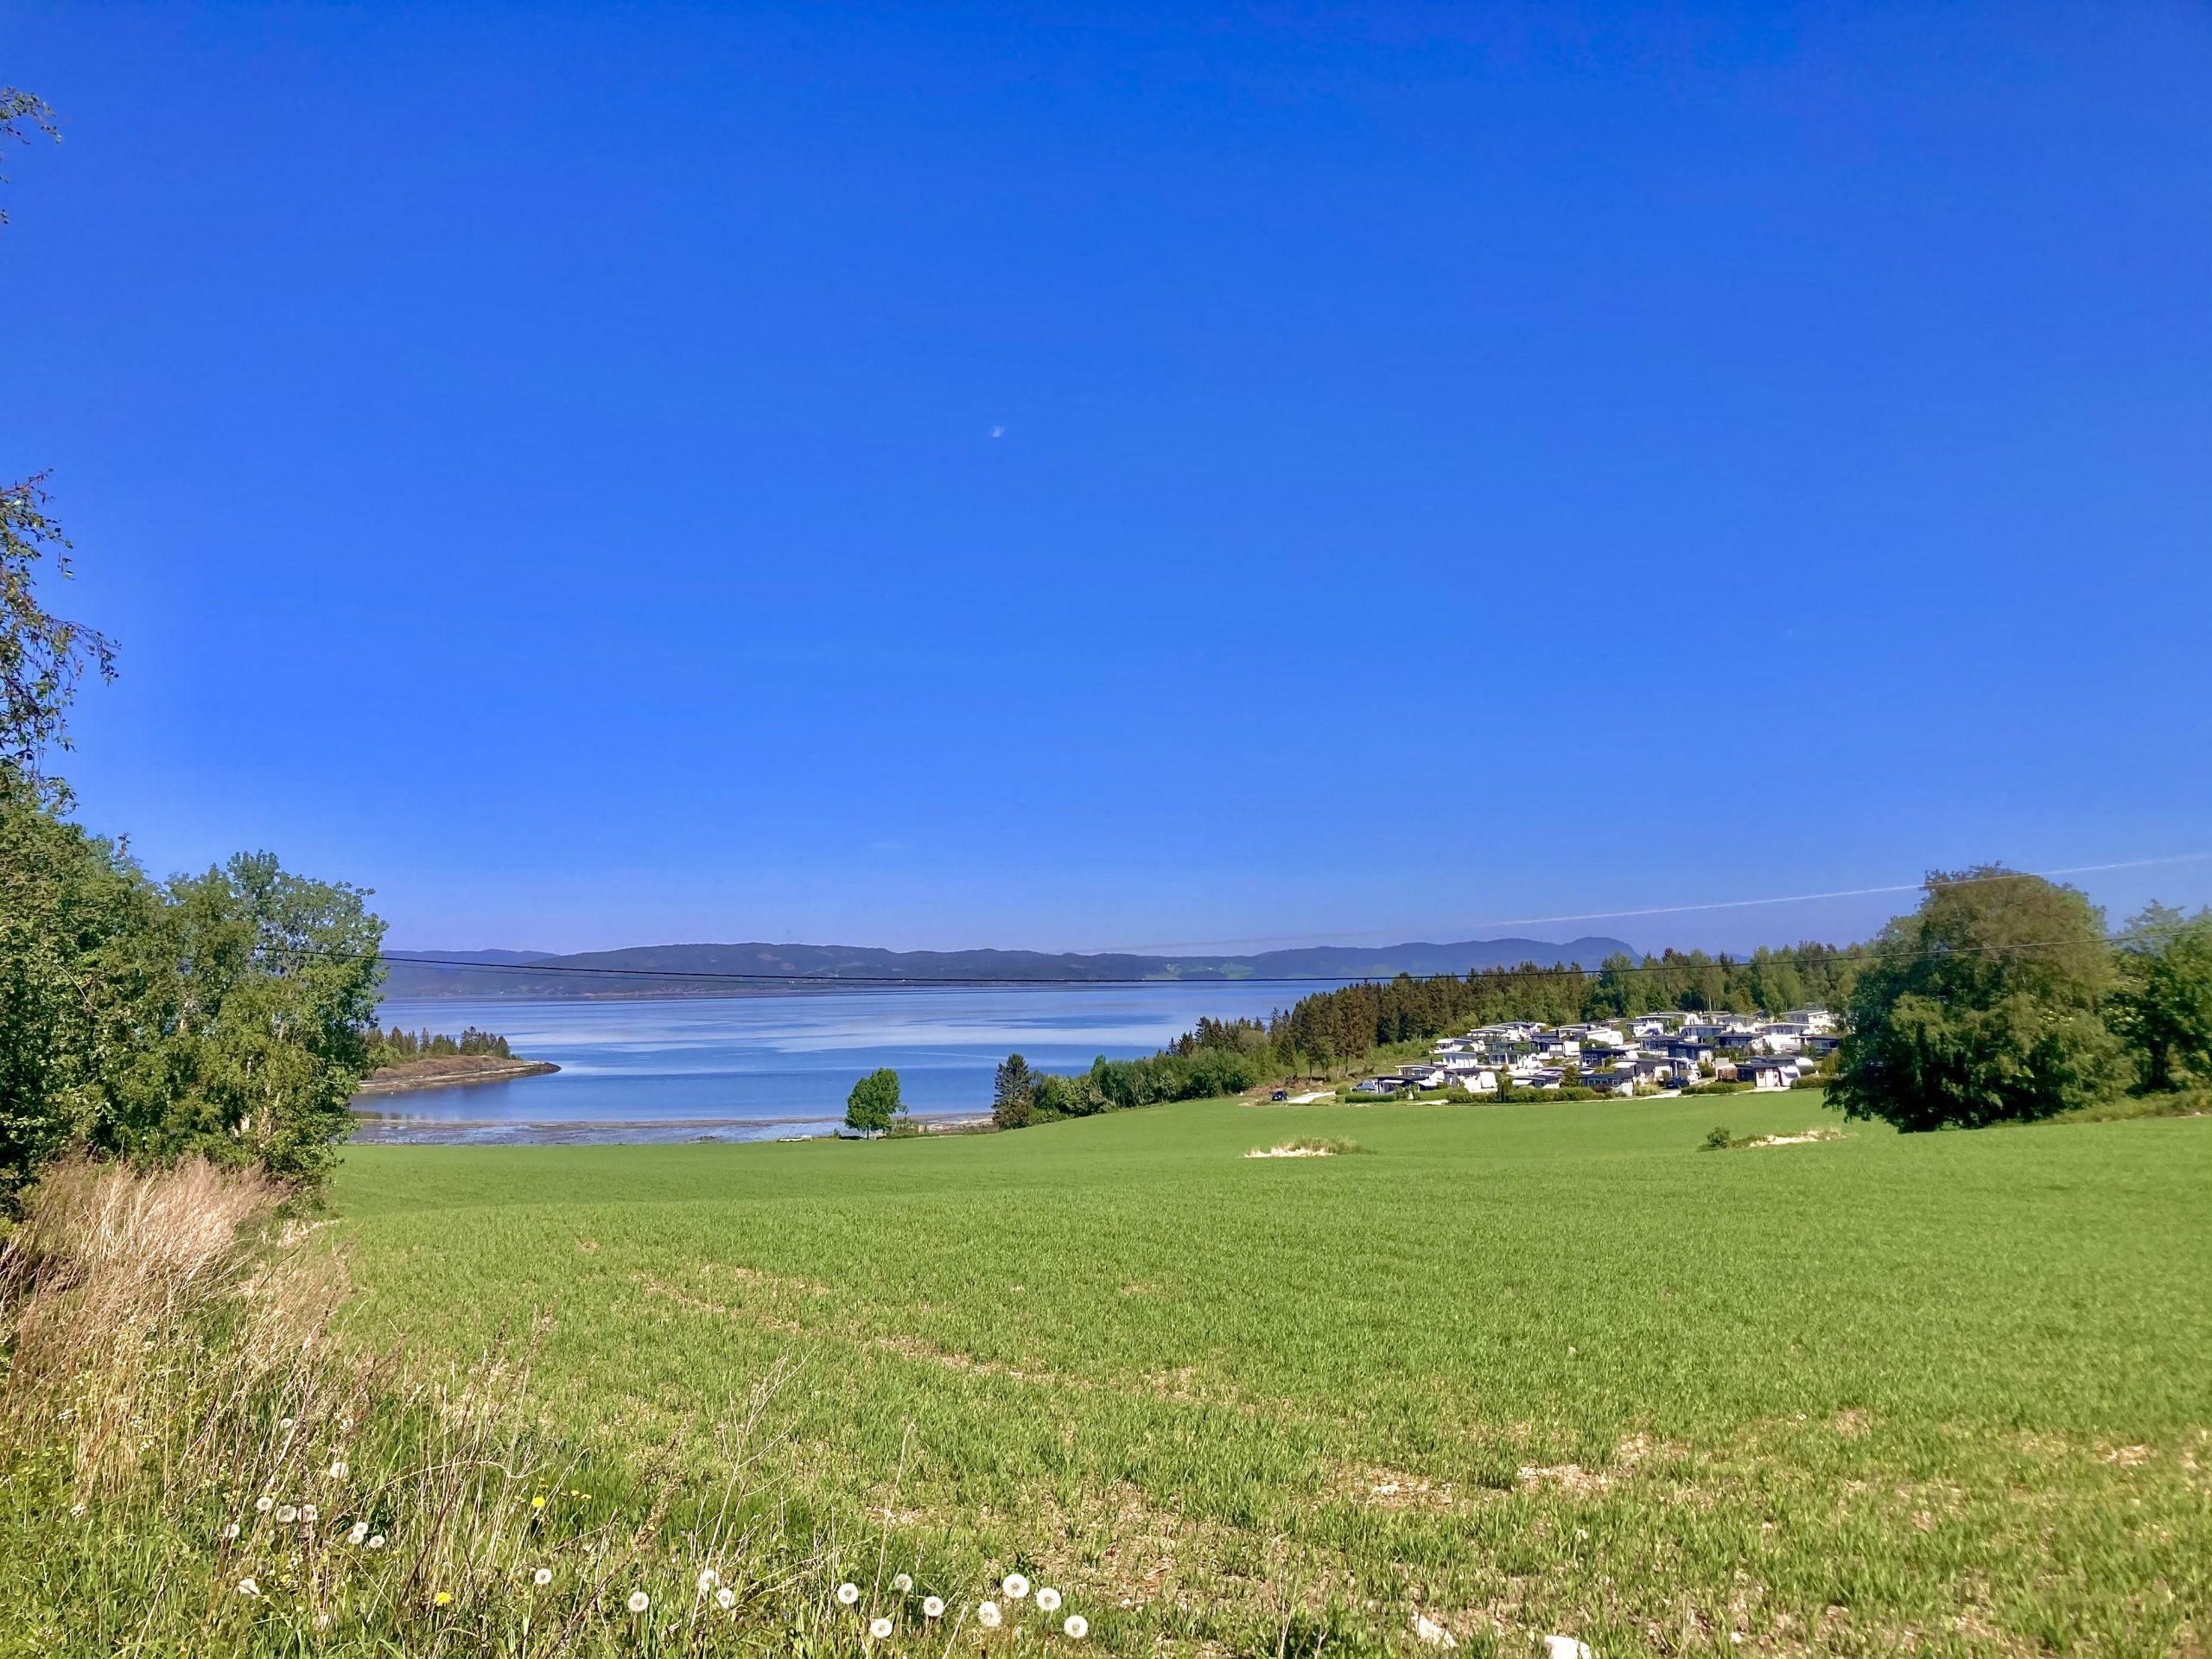 Stornes Camping, Inderøy